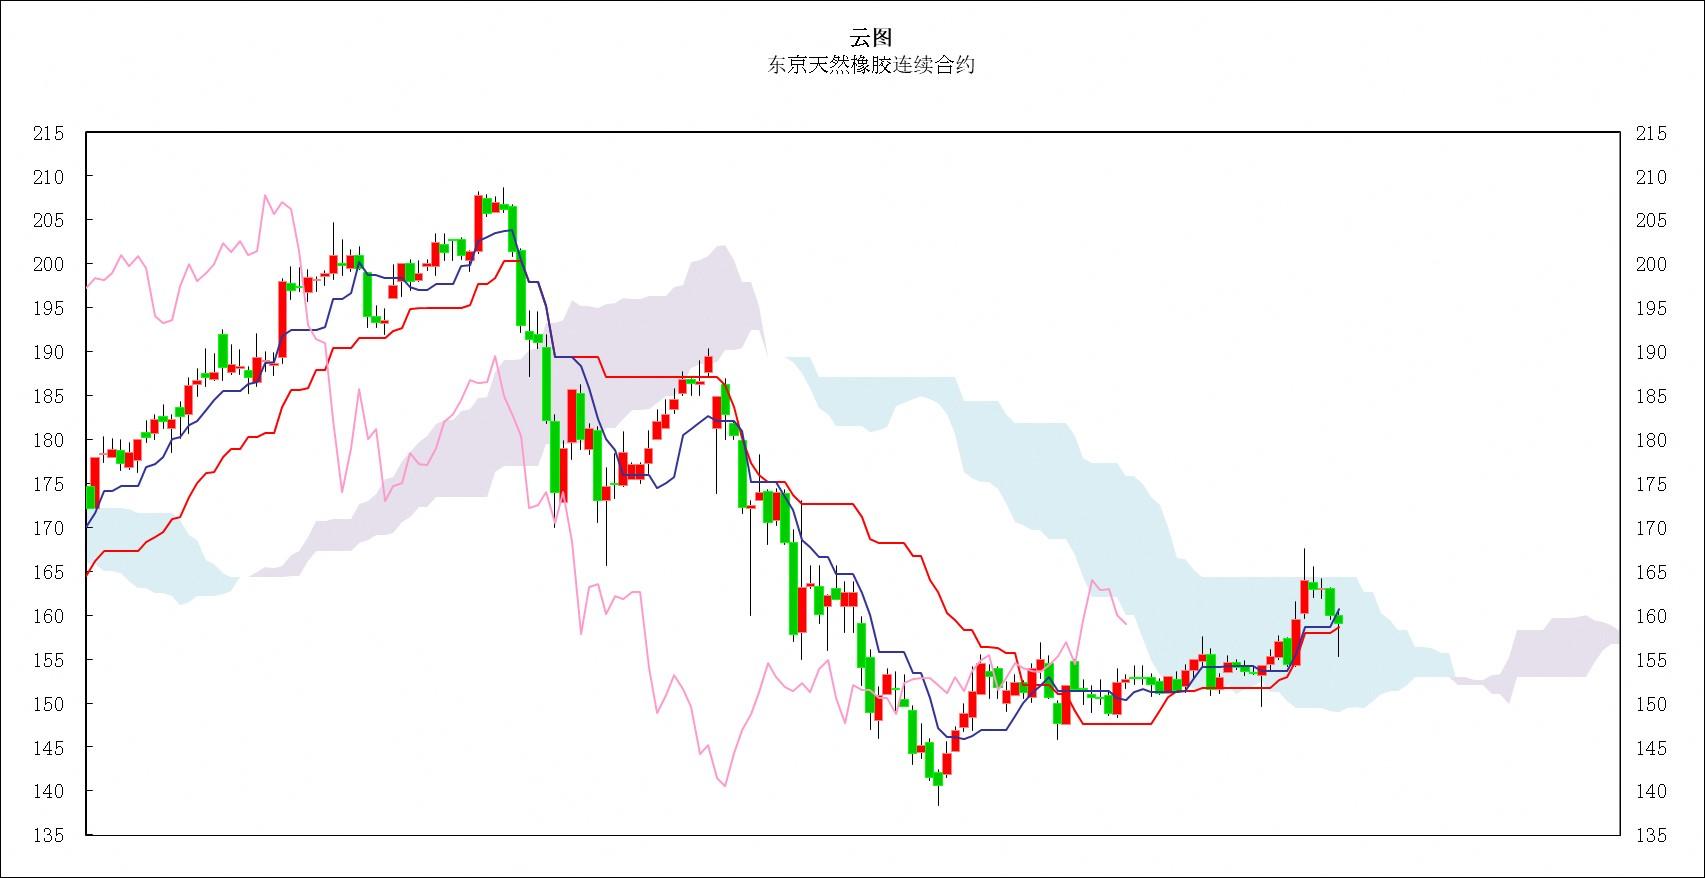 日本商品市�鋈赵u:�|京�S金�r格小幅振�,橡�z市�龃蠓�回落